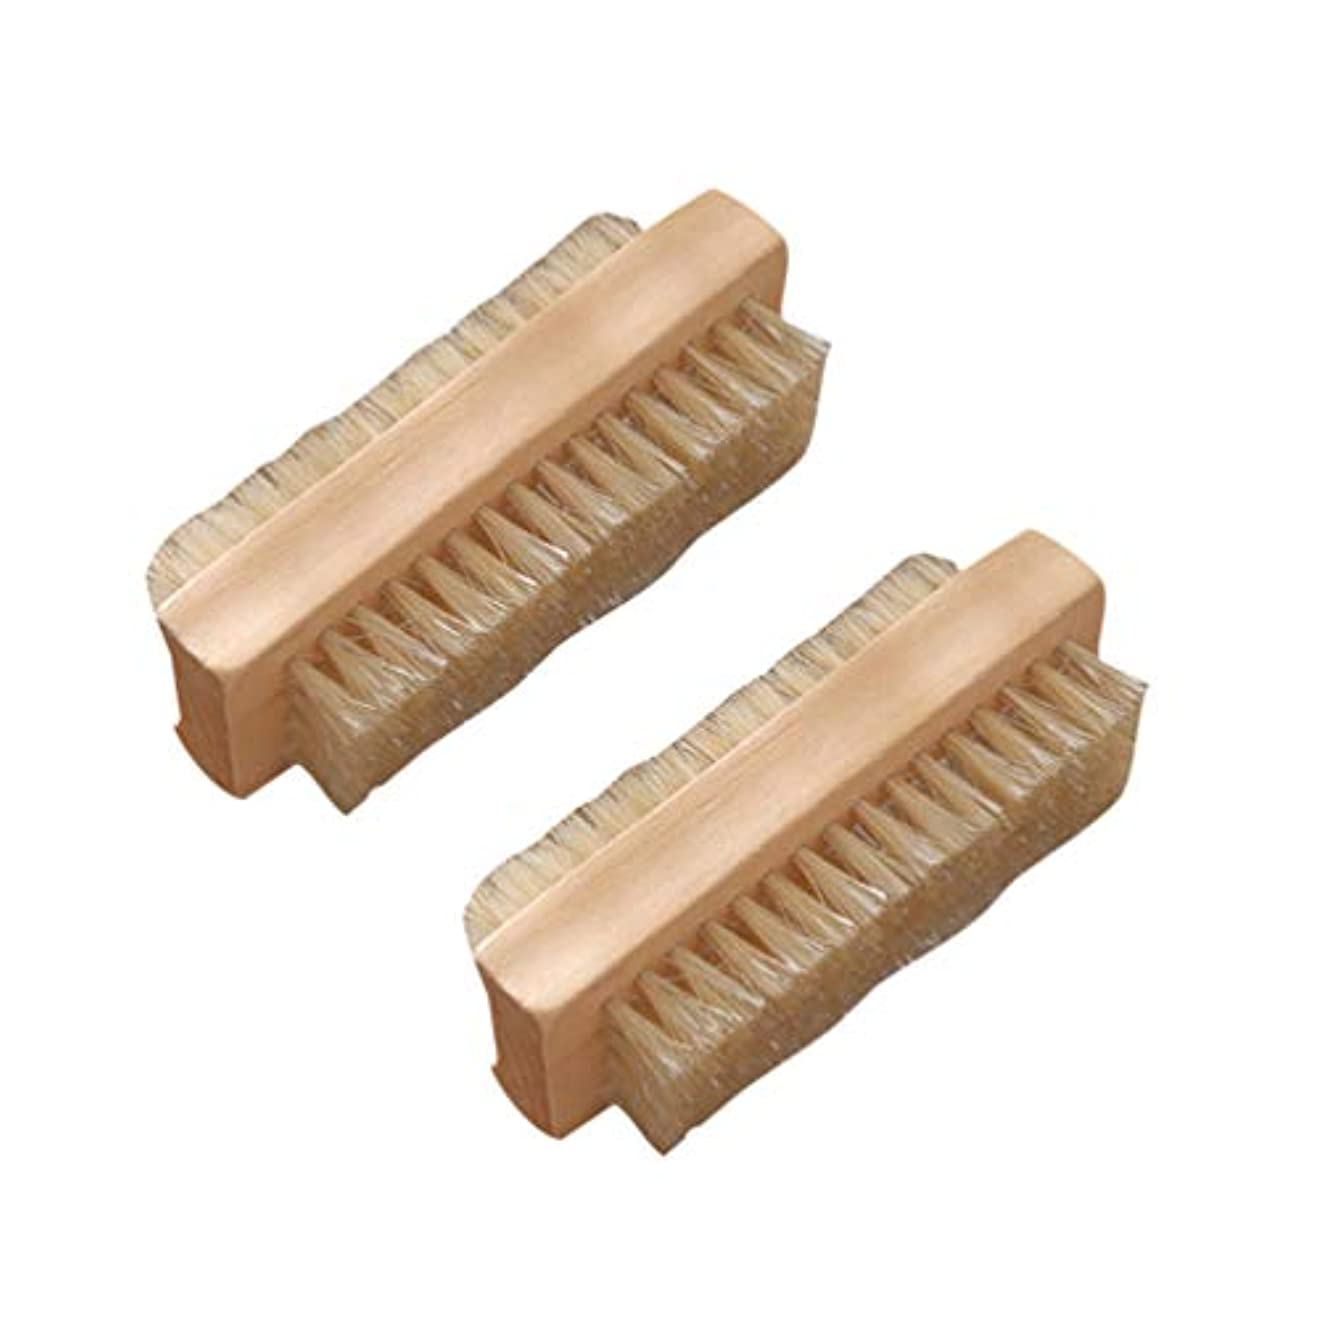 スペード改修影響力のあるLurrose 2ピースネイルブラシ両面ポータブル耐久性マニキュアブラシネイルクリーニングブラシ毛ブラシホームサロン用